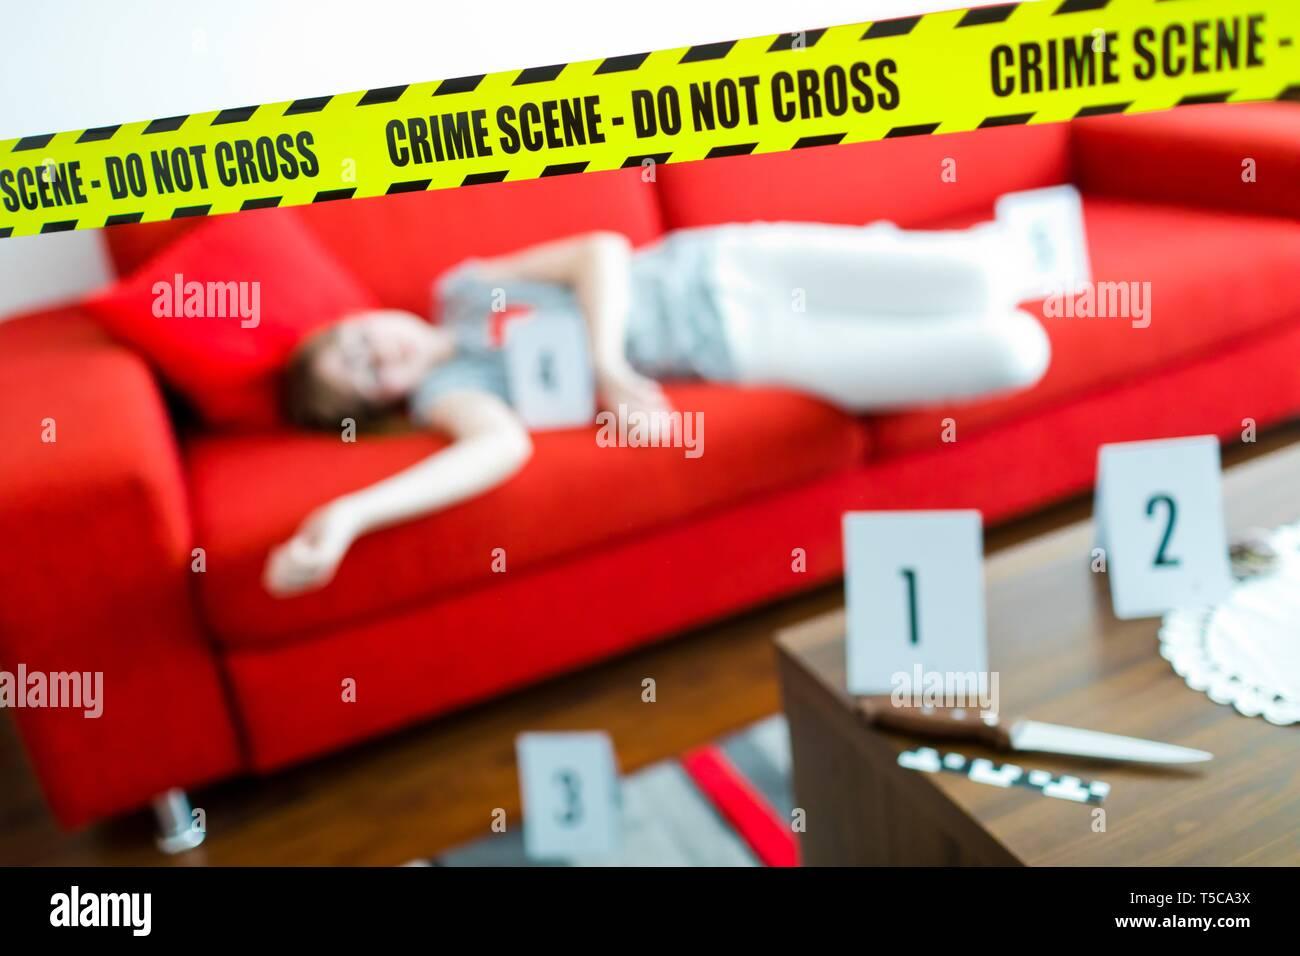 Giovane vittima in pantaloni bianchi la posa sul divano rosso - Scena del crimine con il coltello e il giallo gap non cross. Immagini Stock